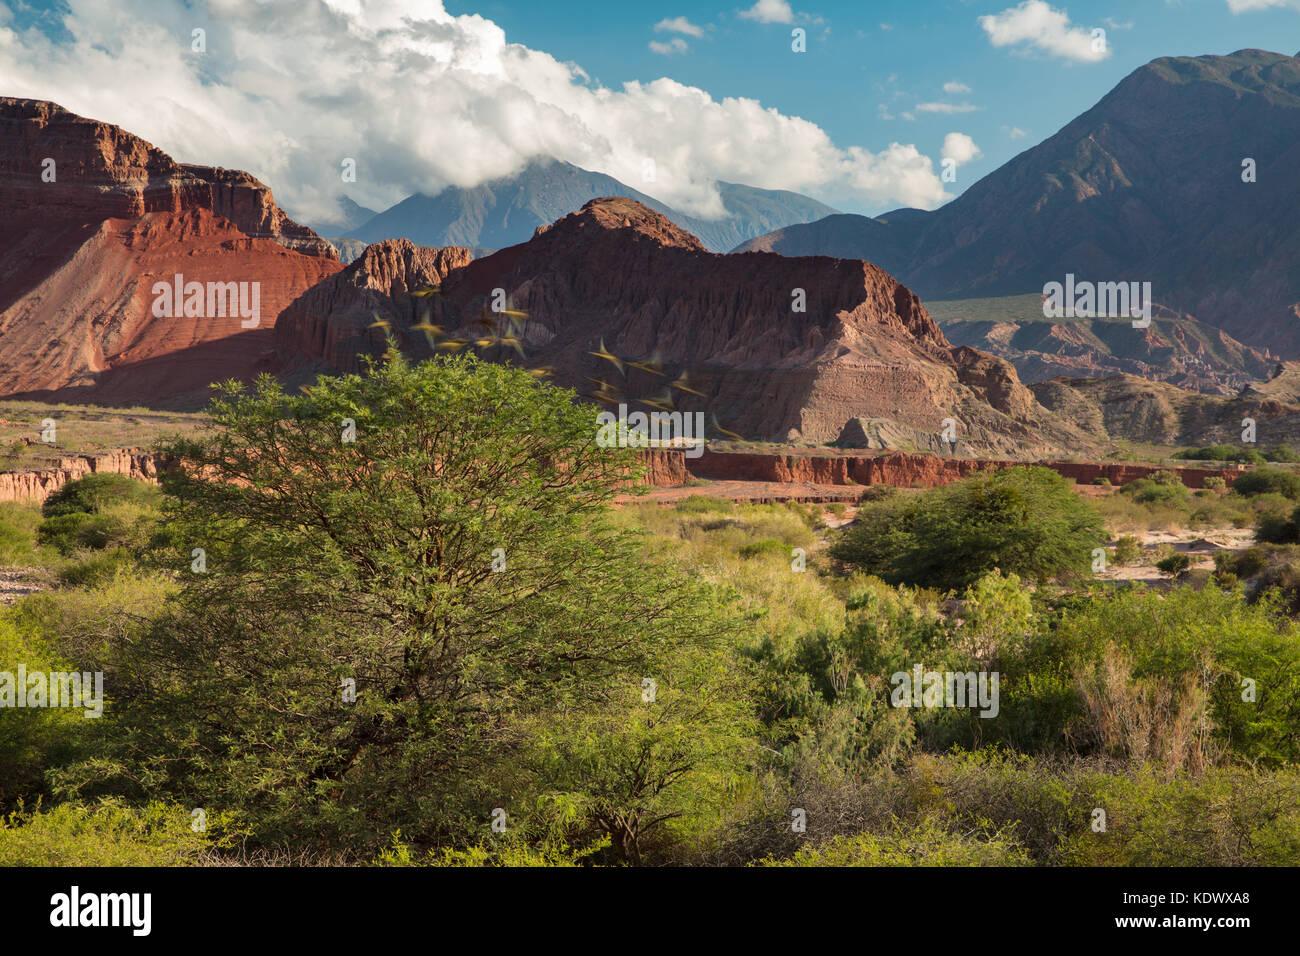 Los loros que despegó de un árbol en la Quebrada de la caracolas, Valles Calchaquíes, Provincia de Imagen De Stock